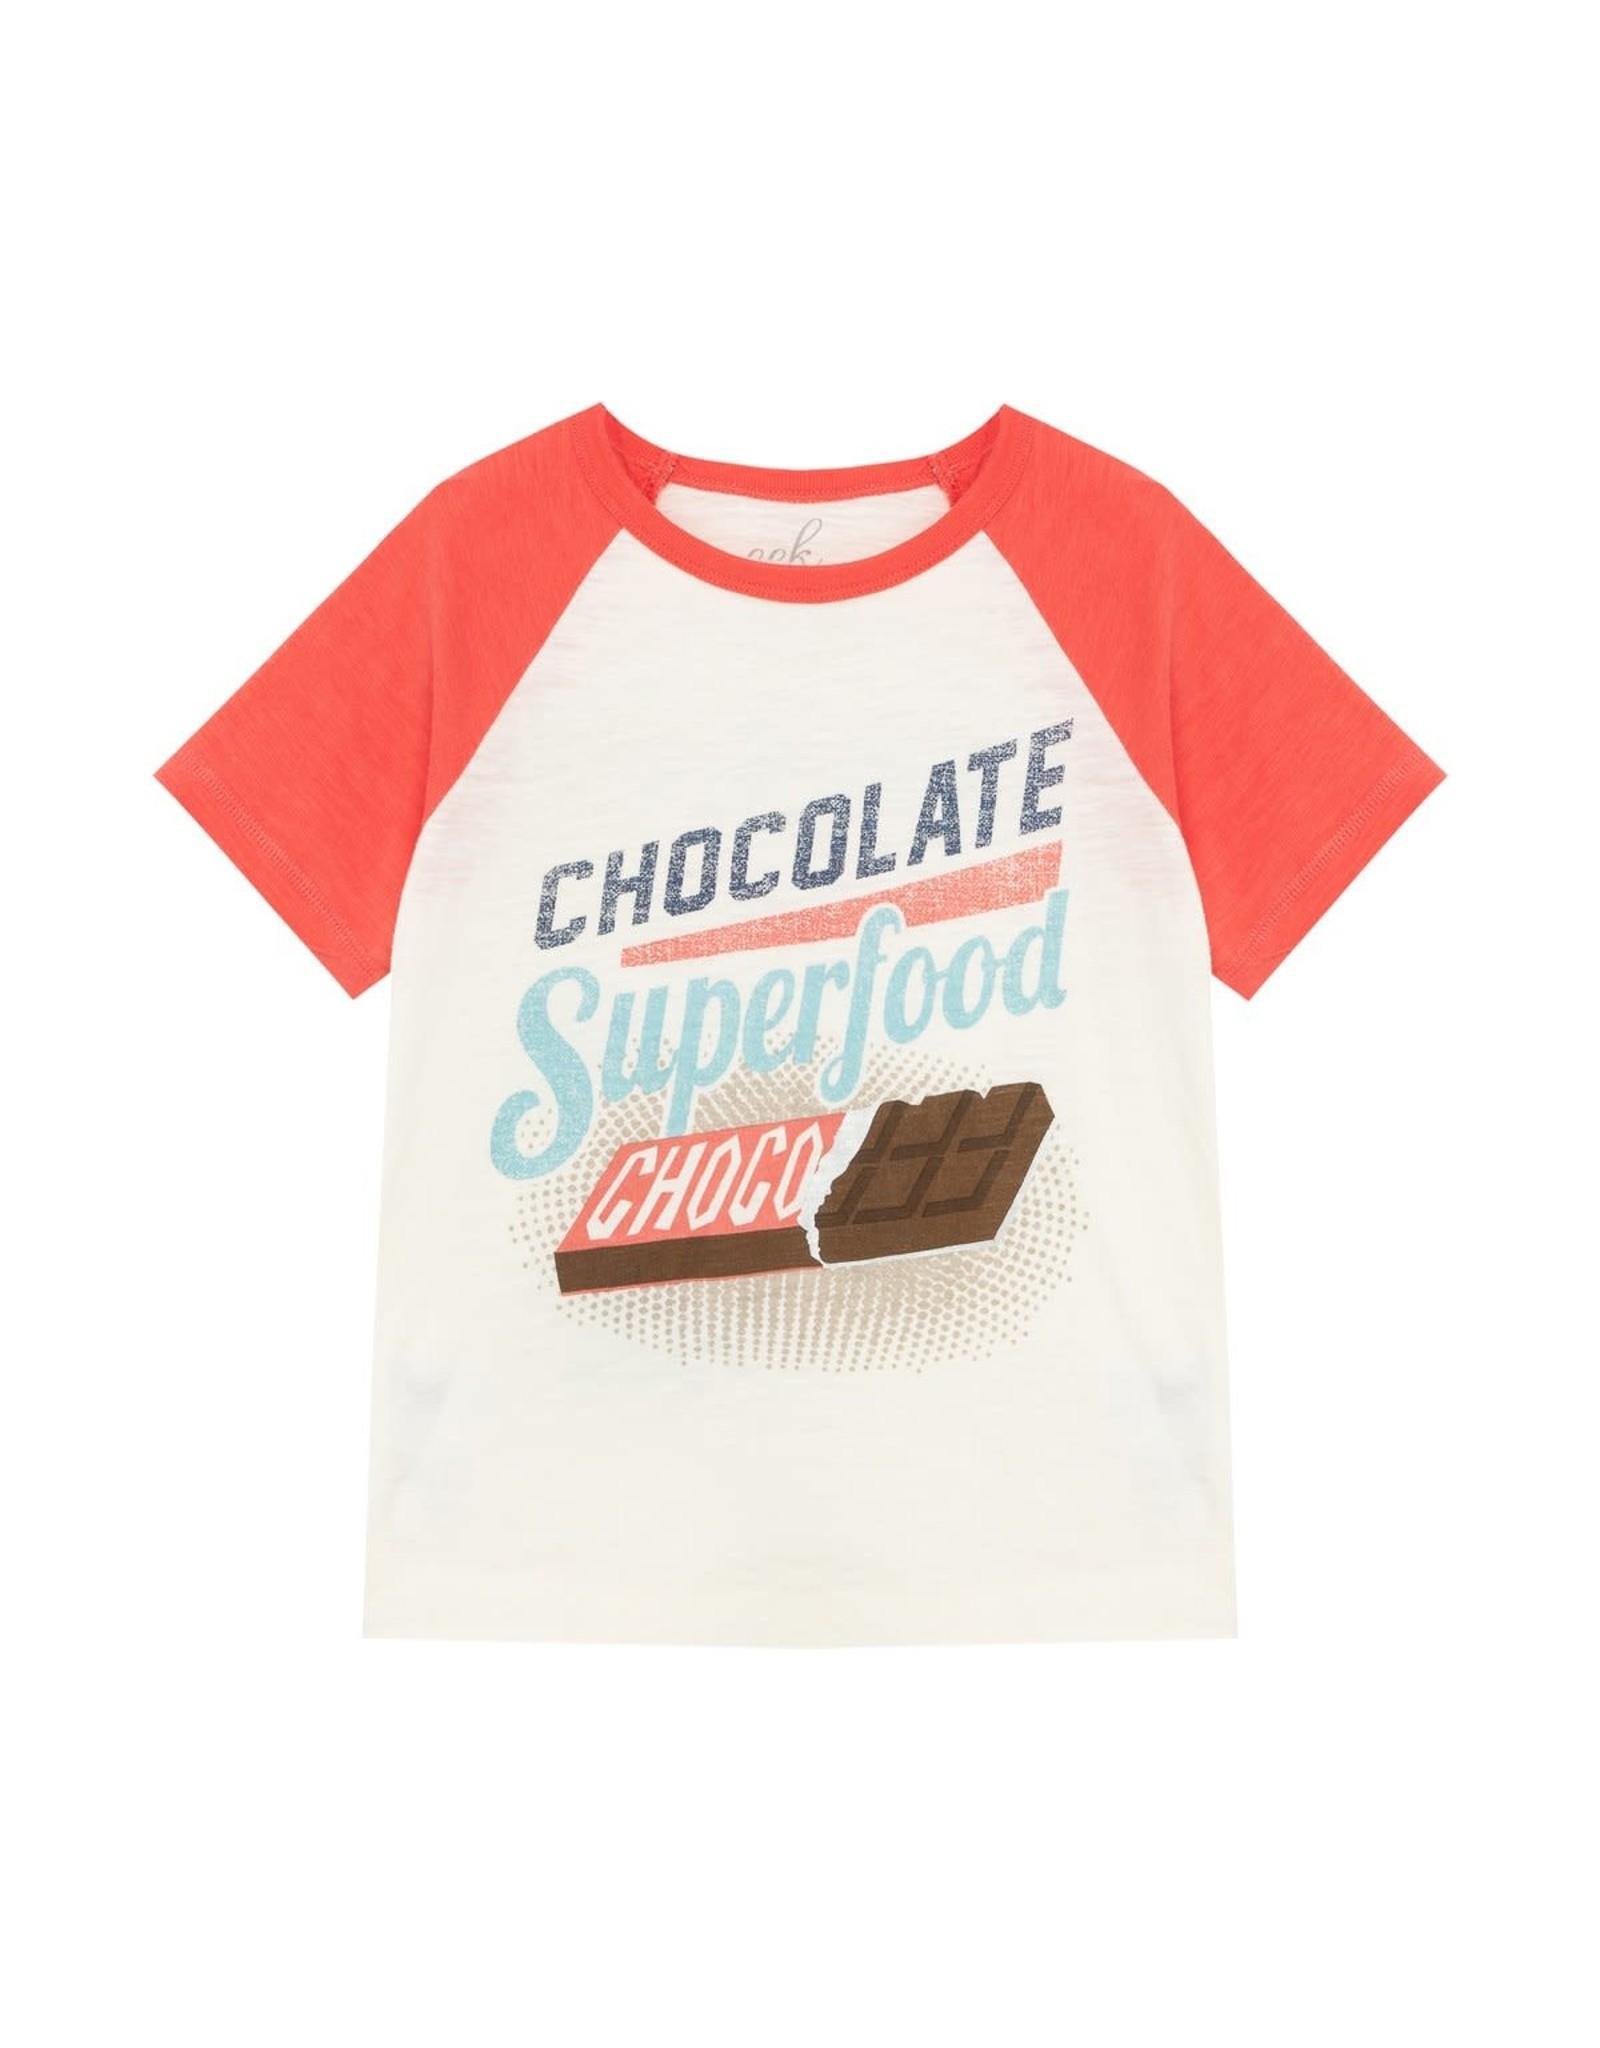 Peek Tee - Chocolate is the Answer